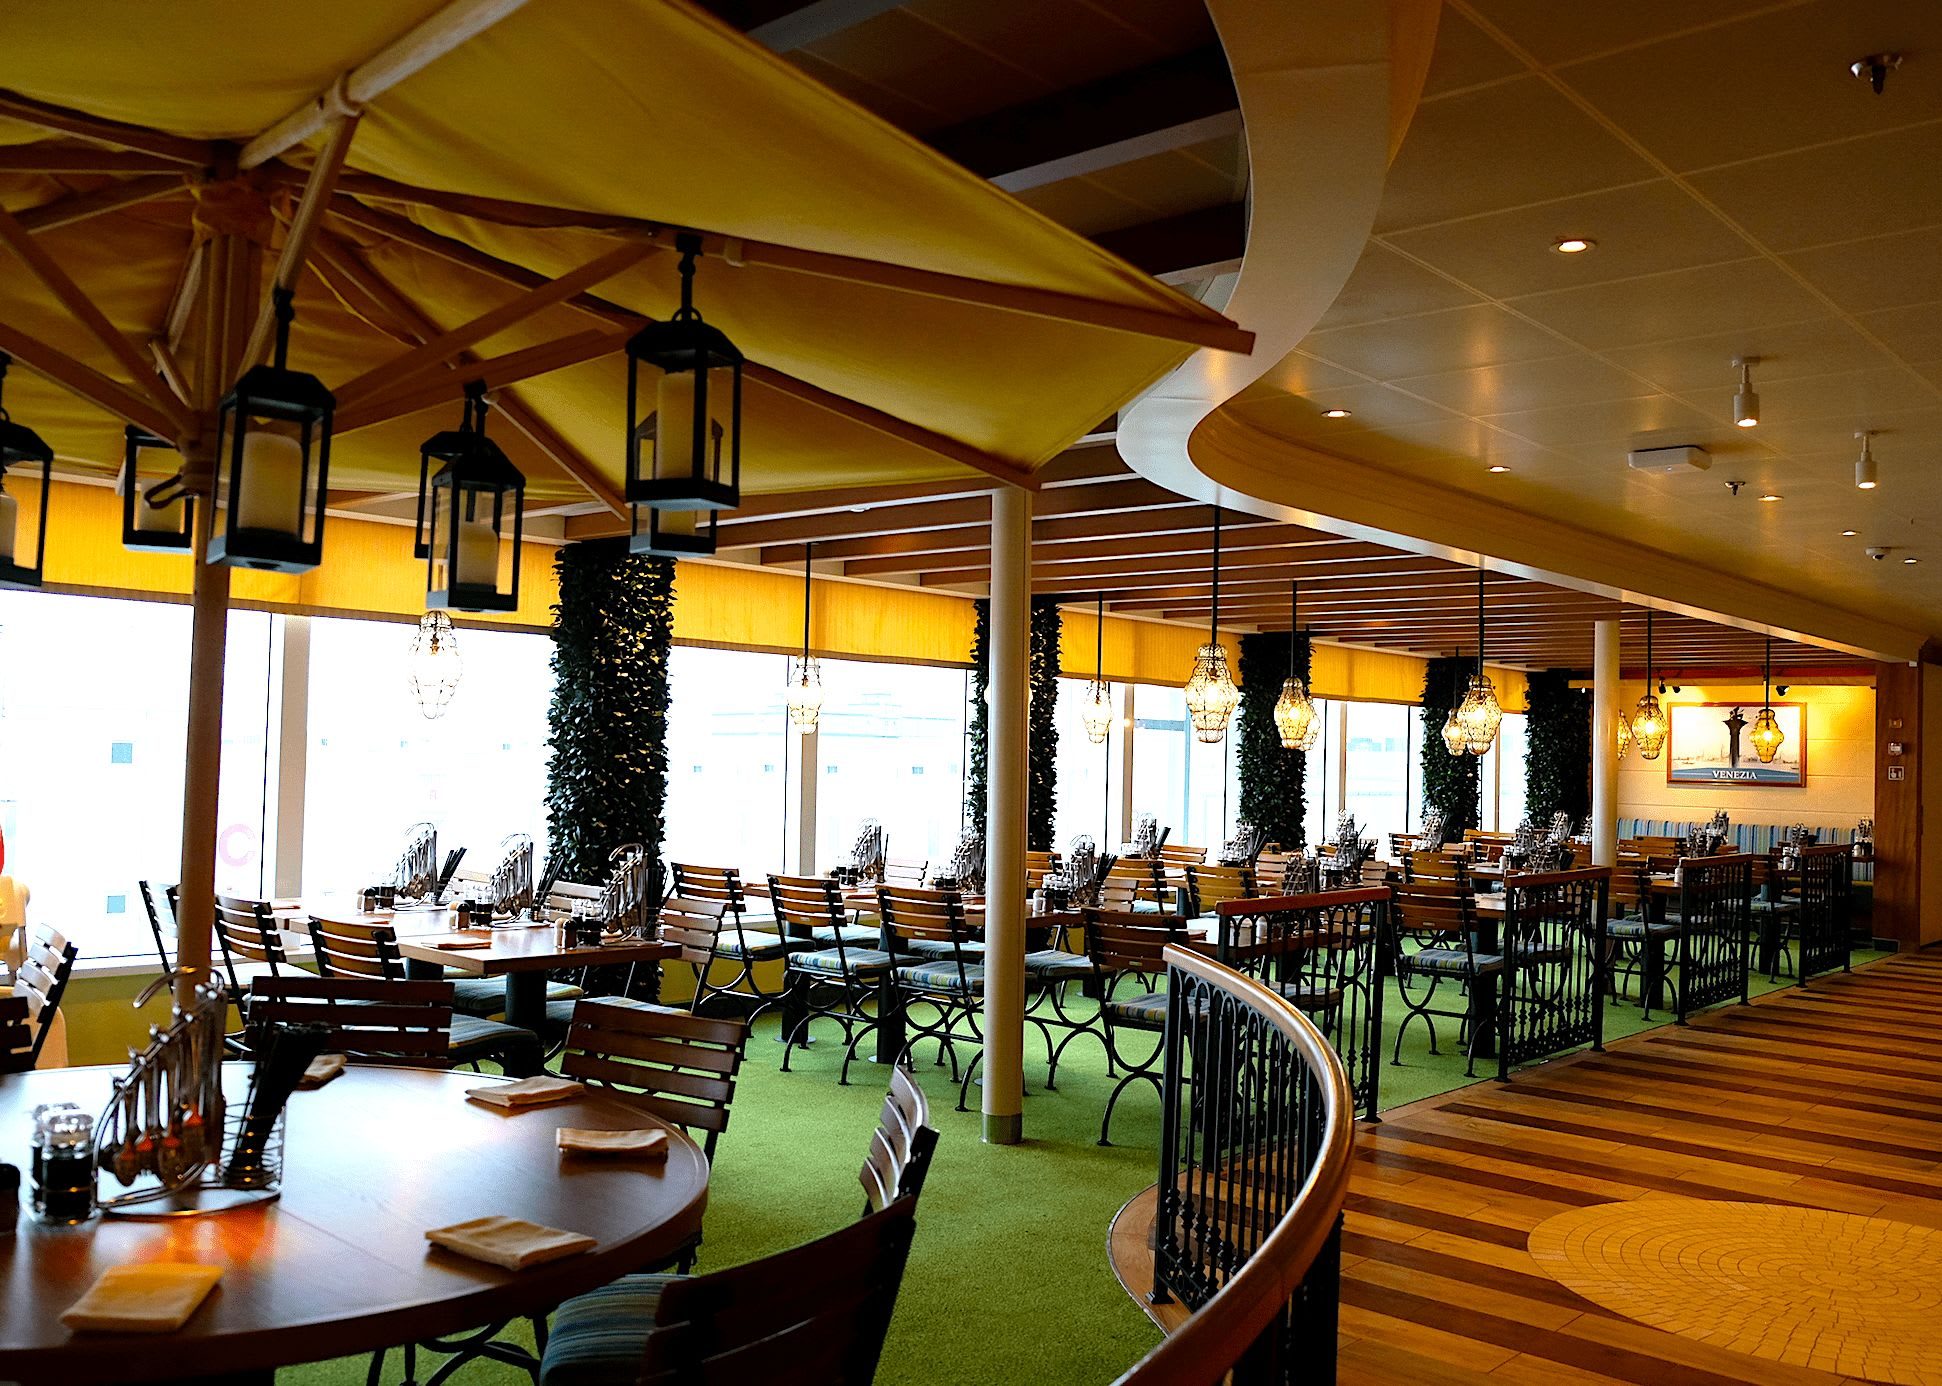 席はガーデン・レストラン風な開放的な空間が広がる